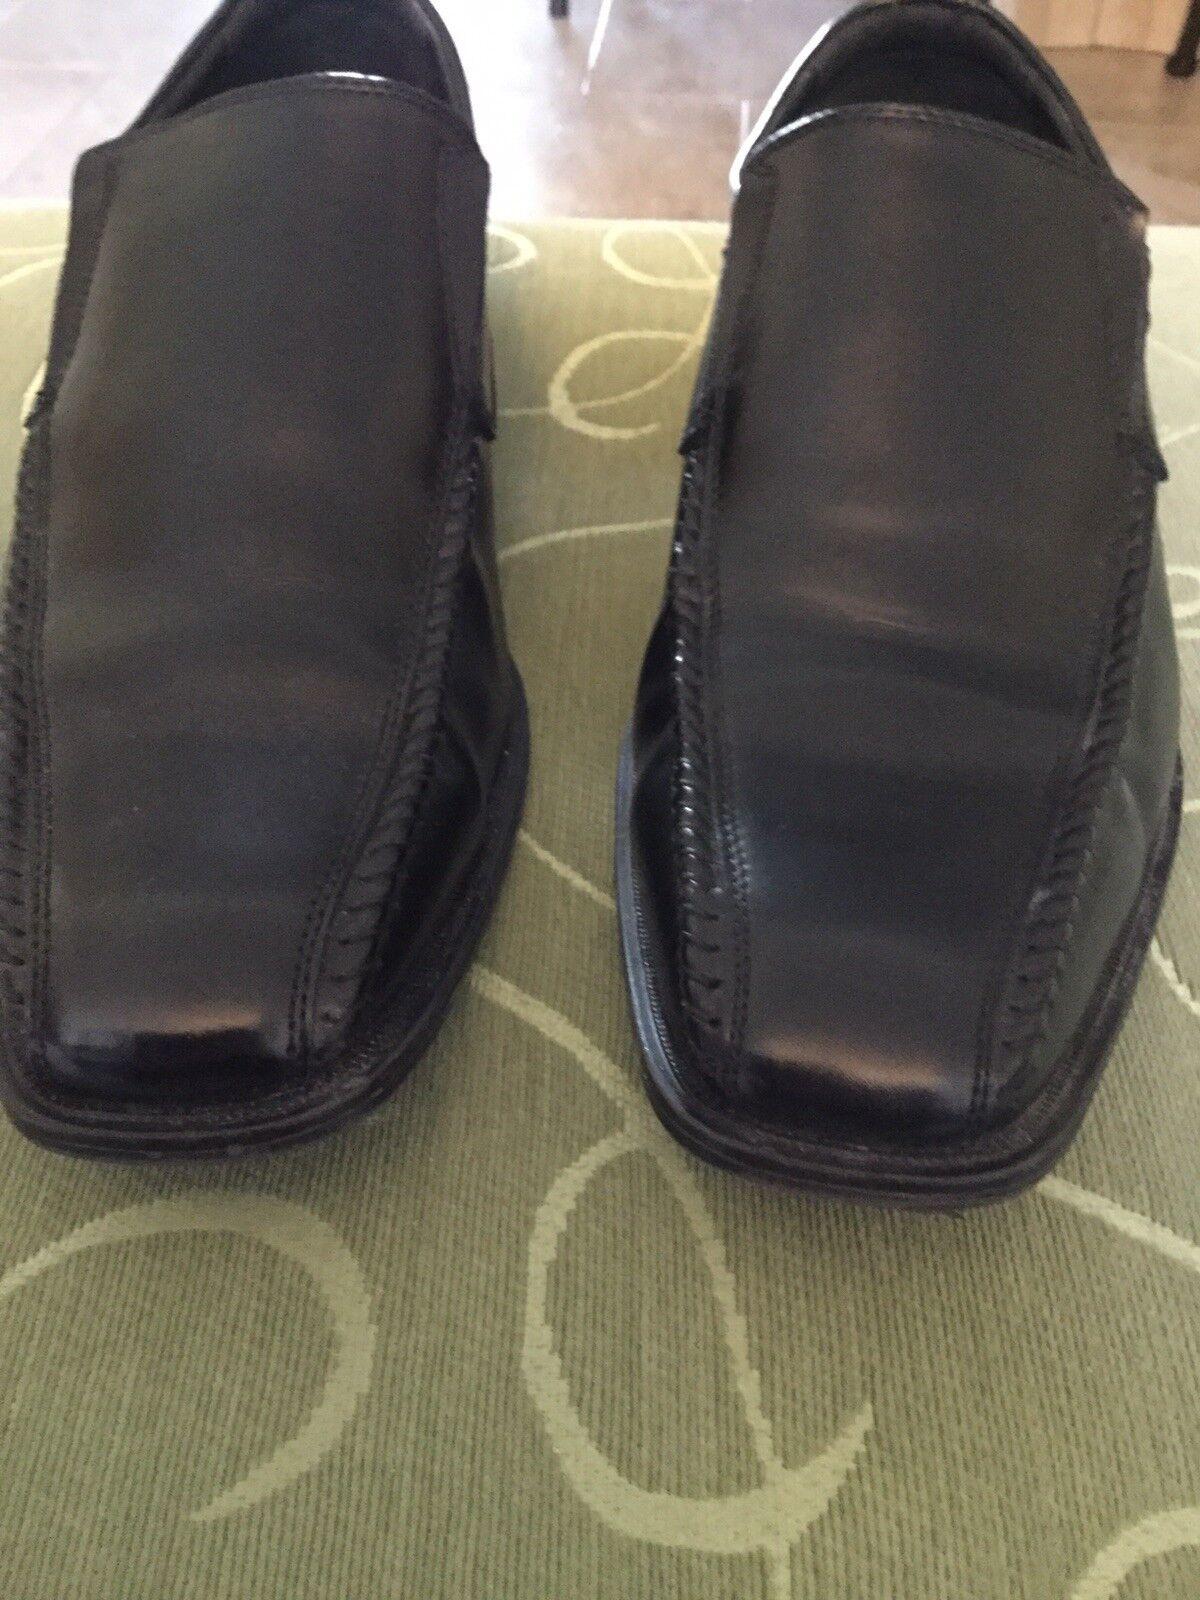 Joseph Abboud Mens Shoes 10